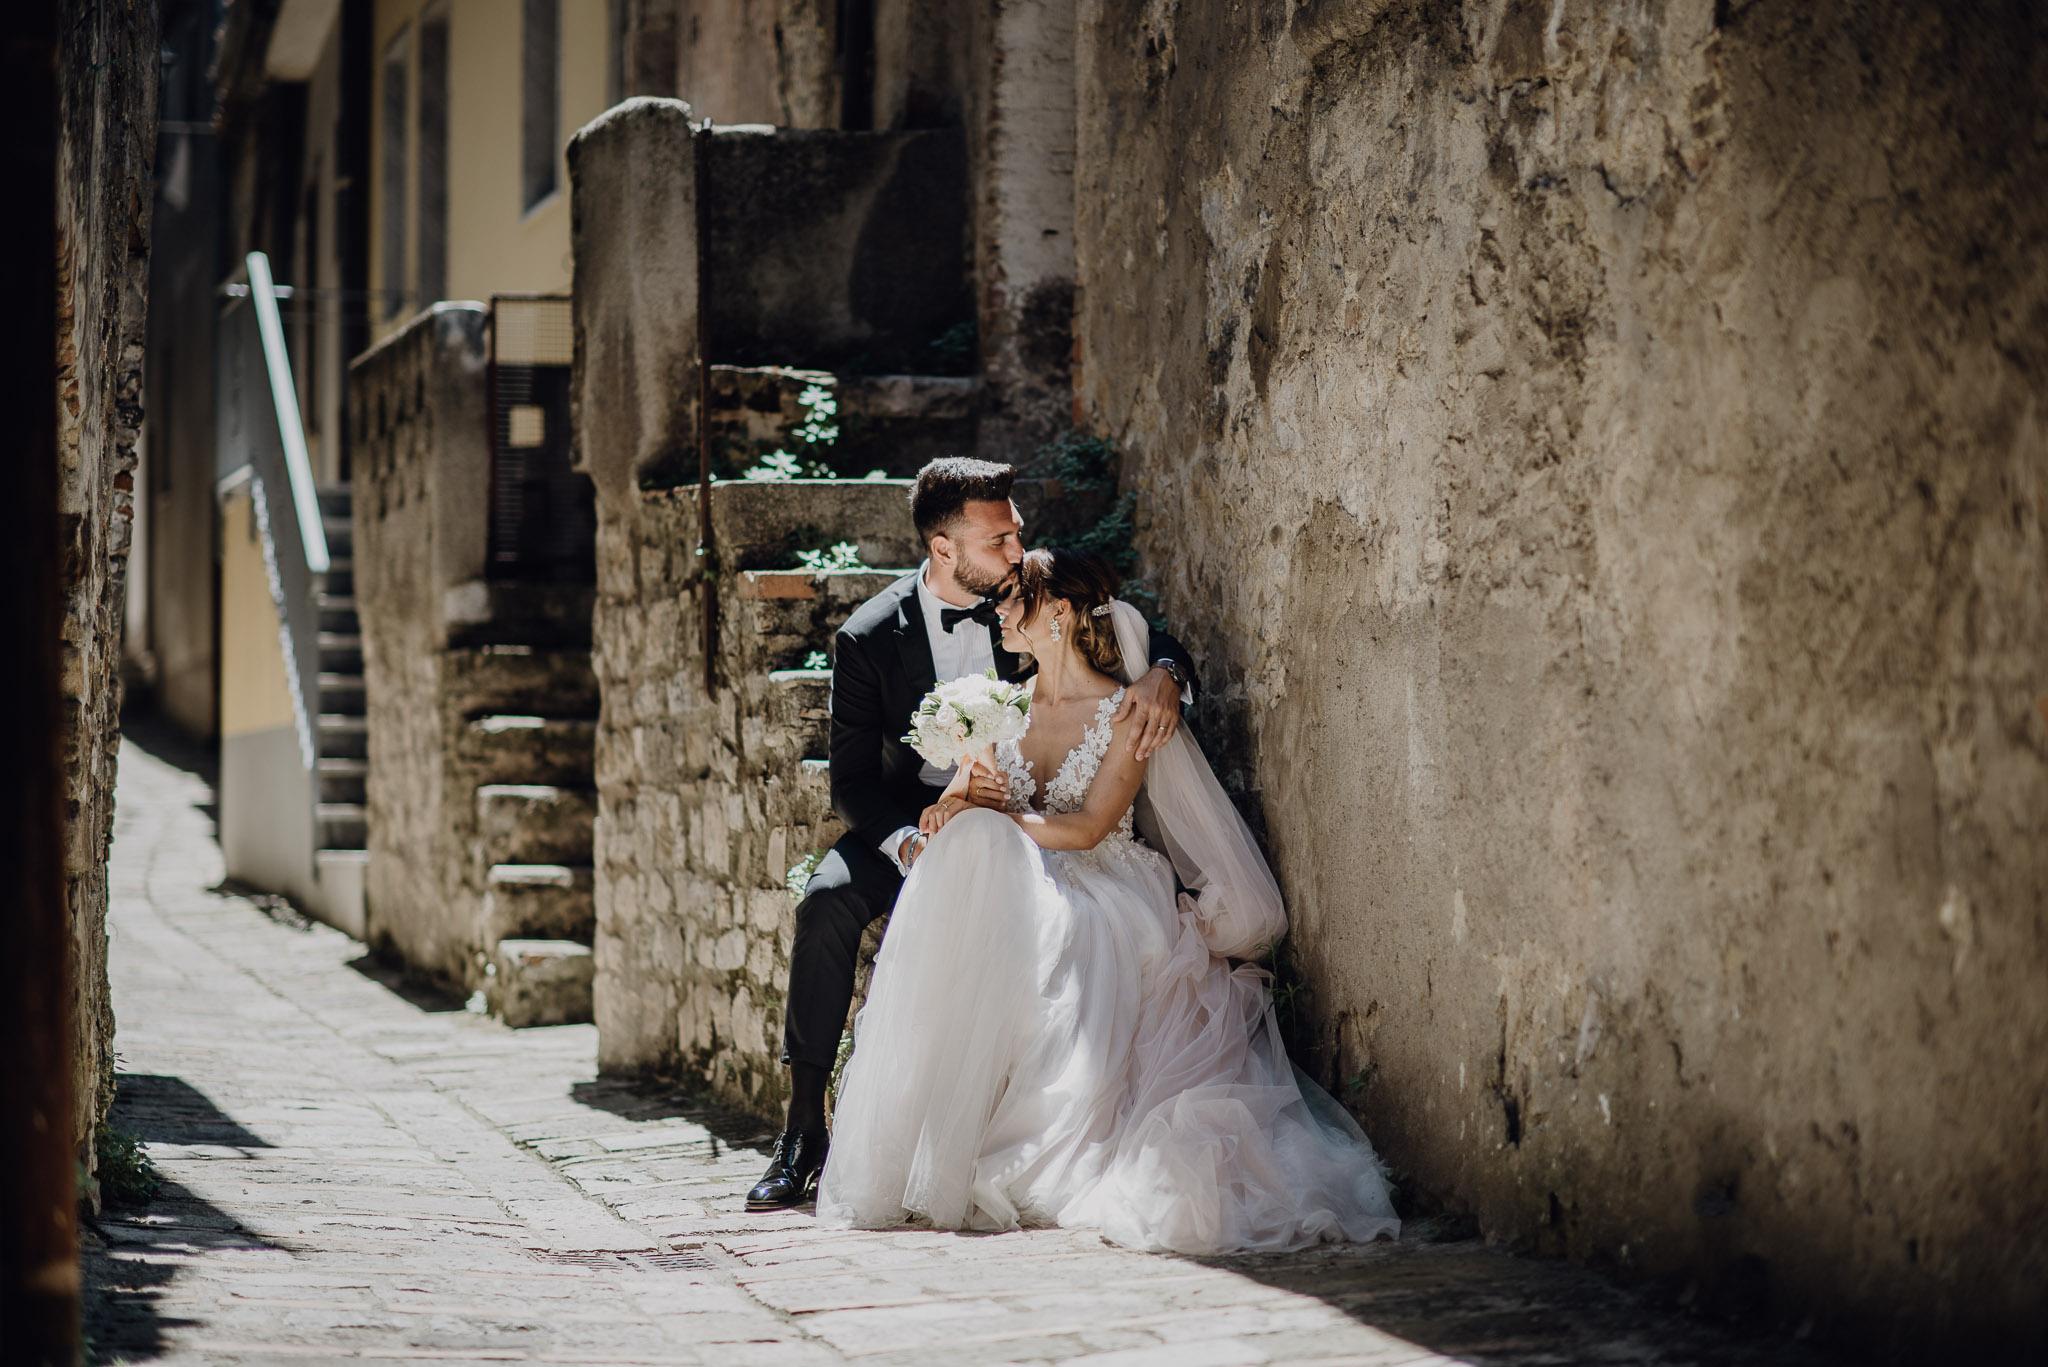 Matrimonio In Verona : Fotografo matrimonio verona servizio fotografo matrimonio bra foto